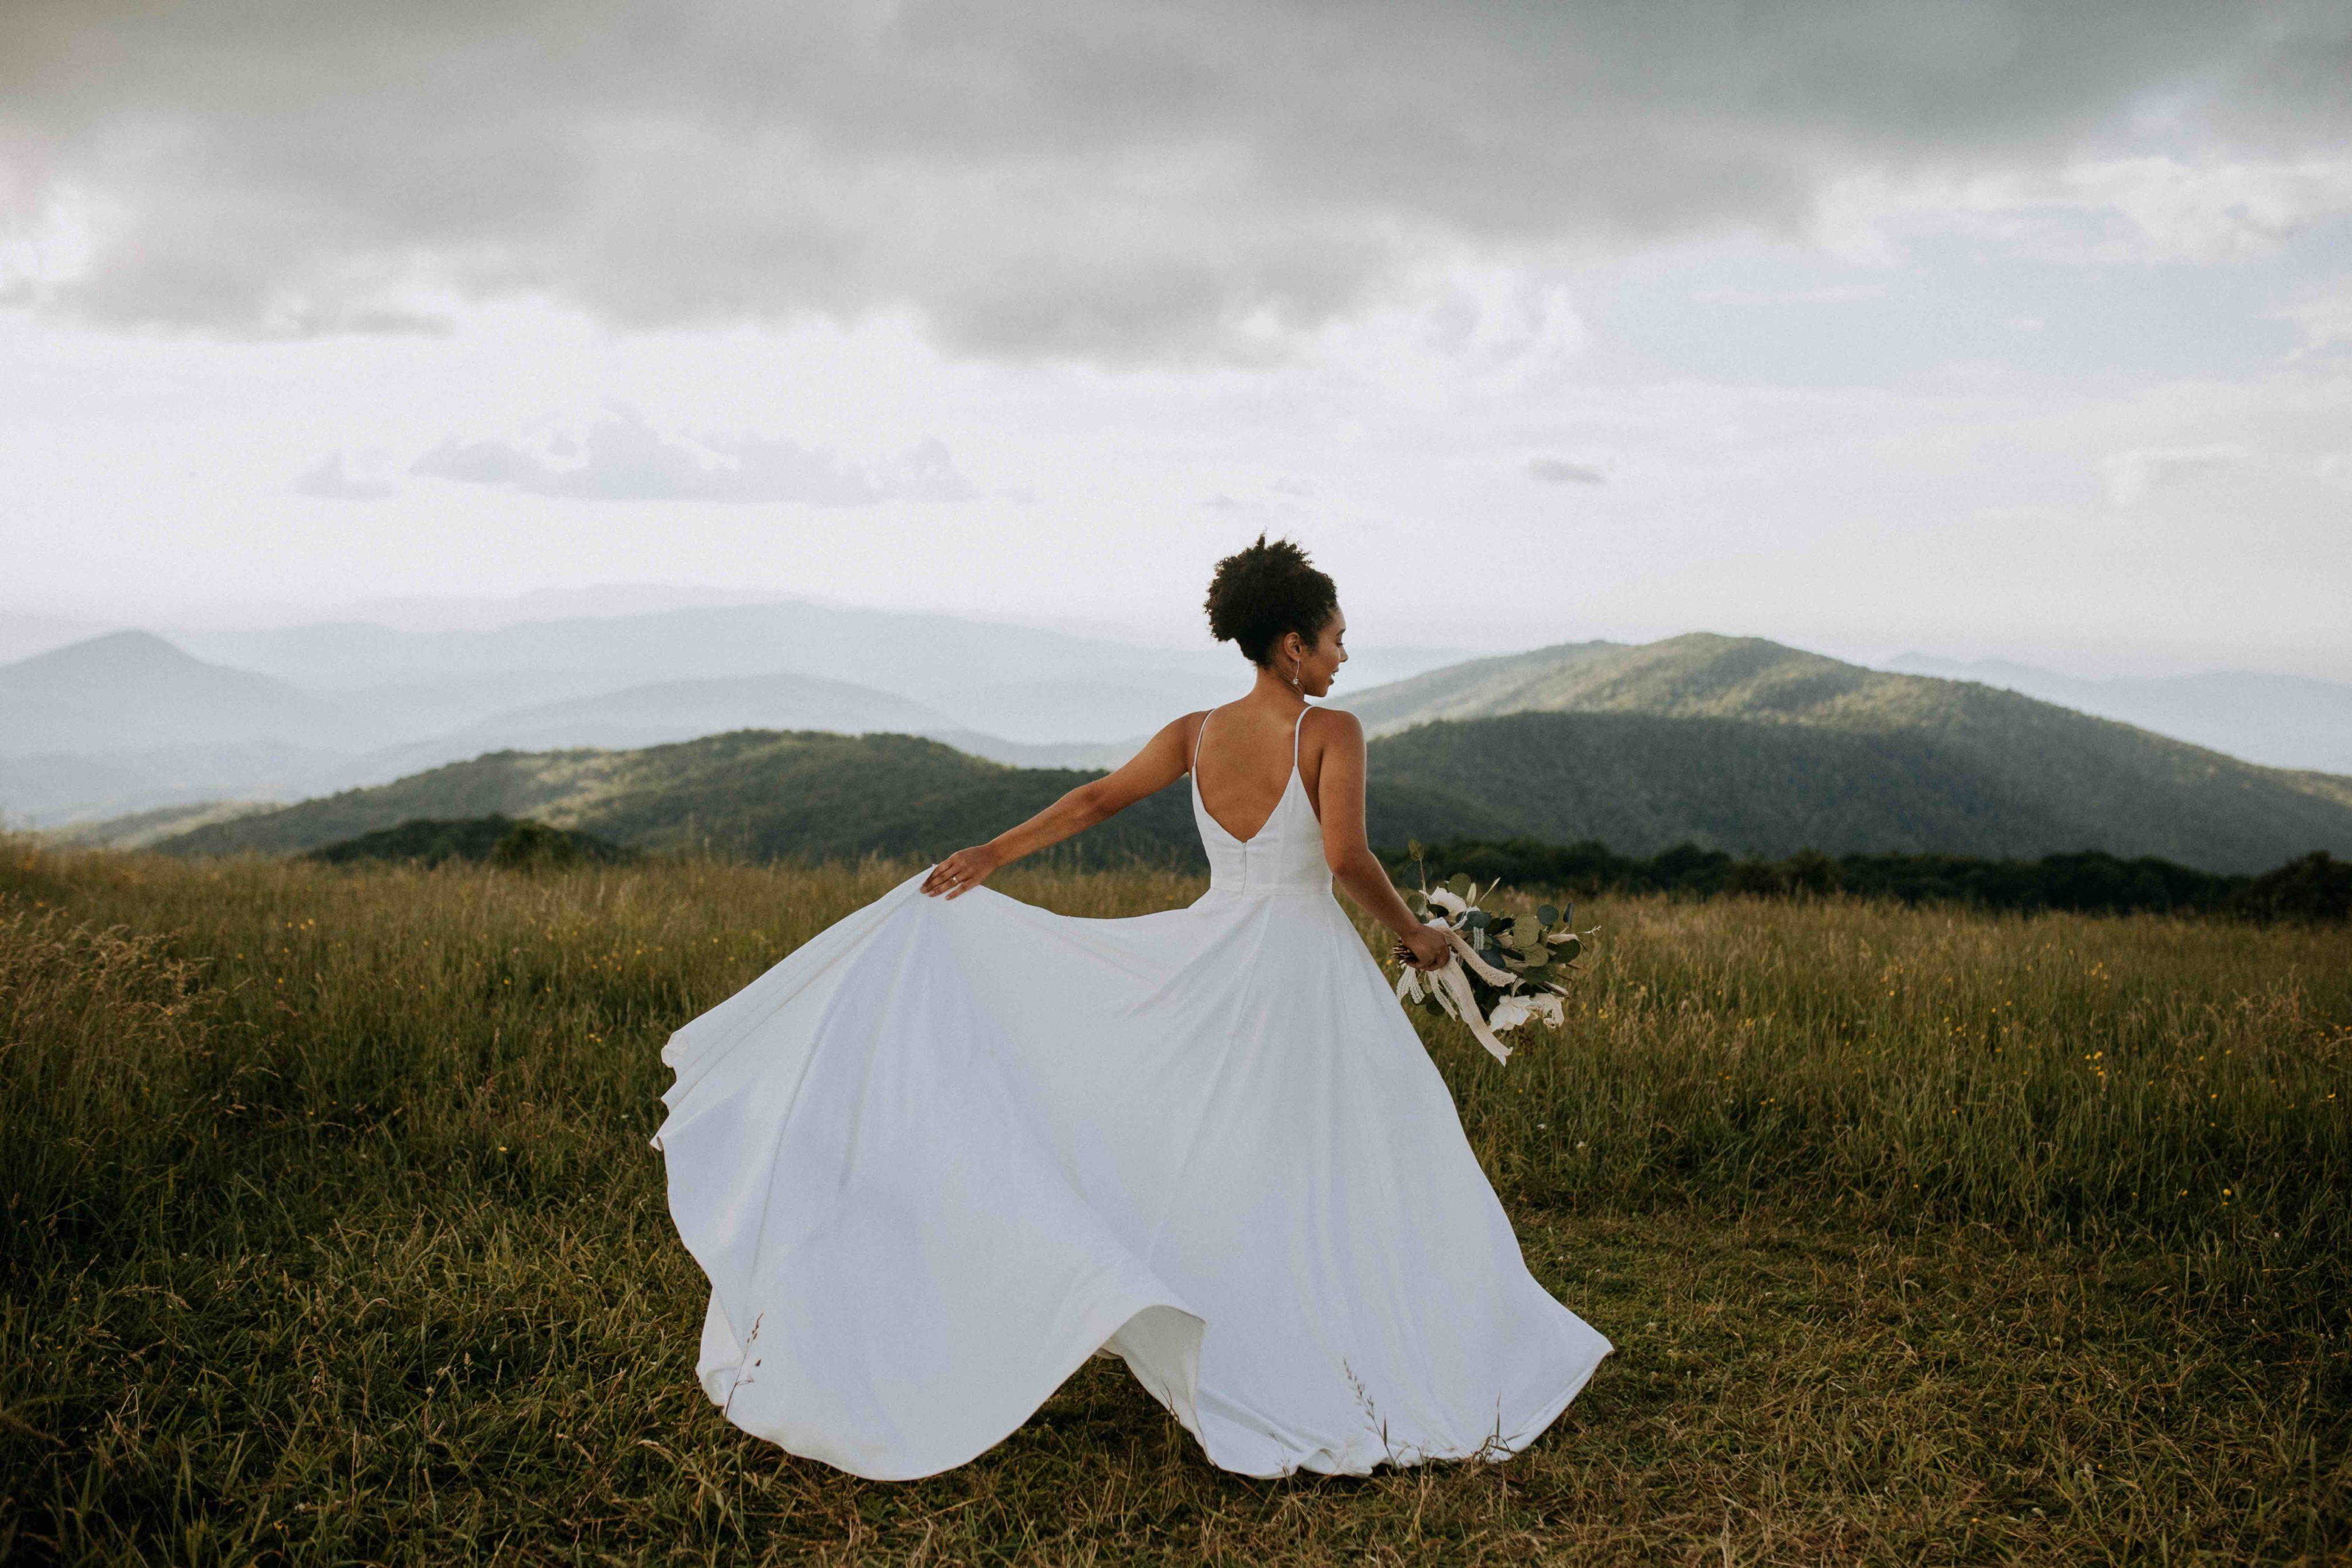 Brida twirling in wedding dress